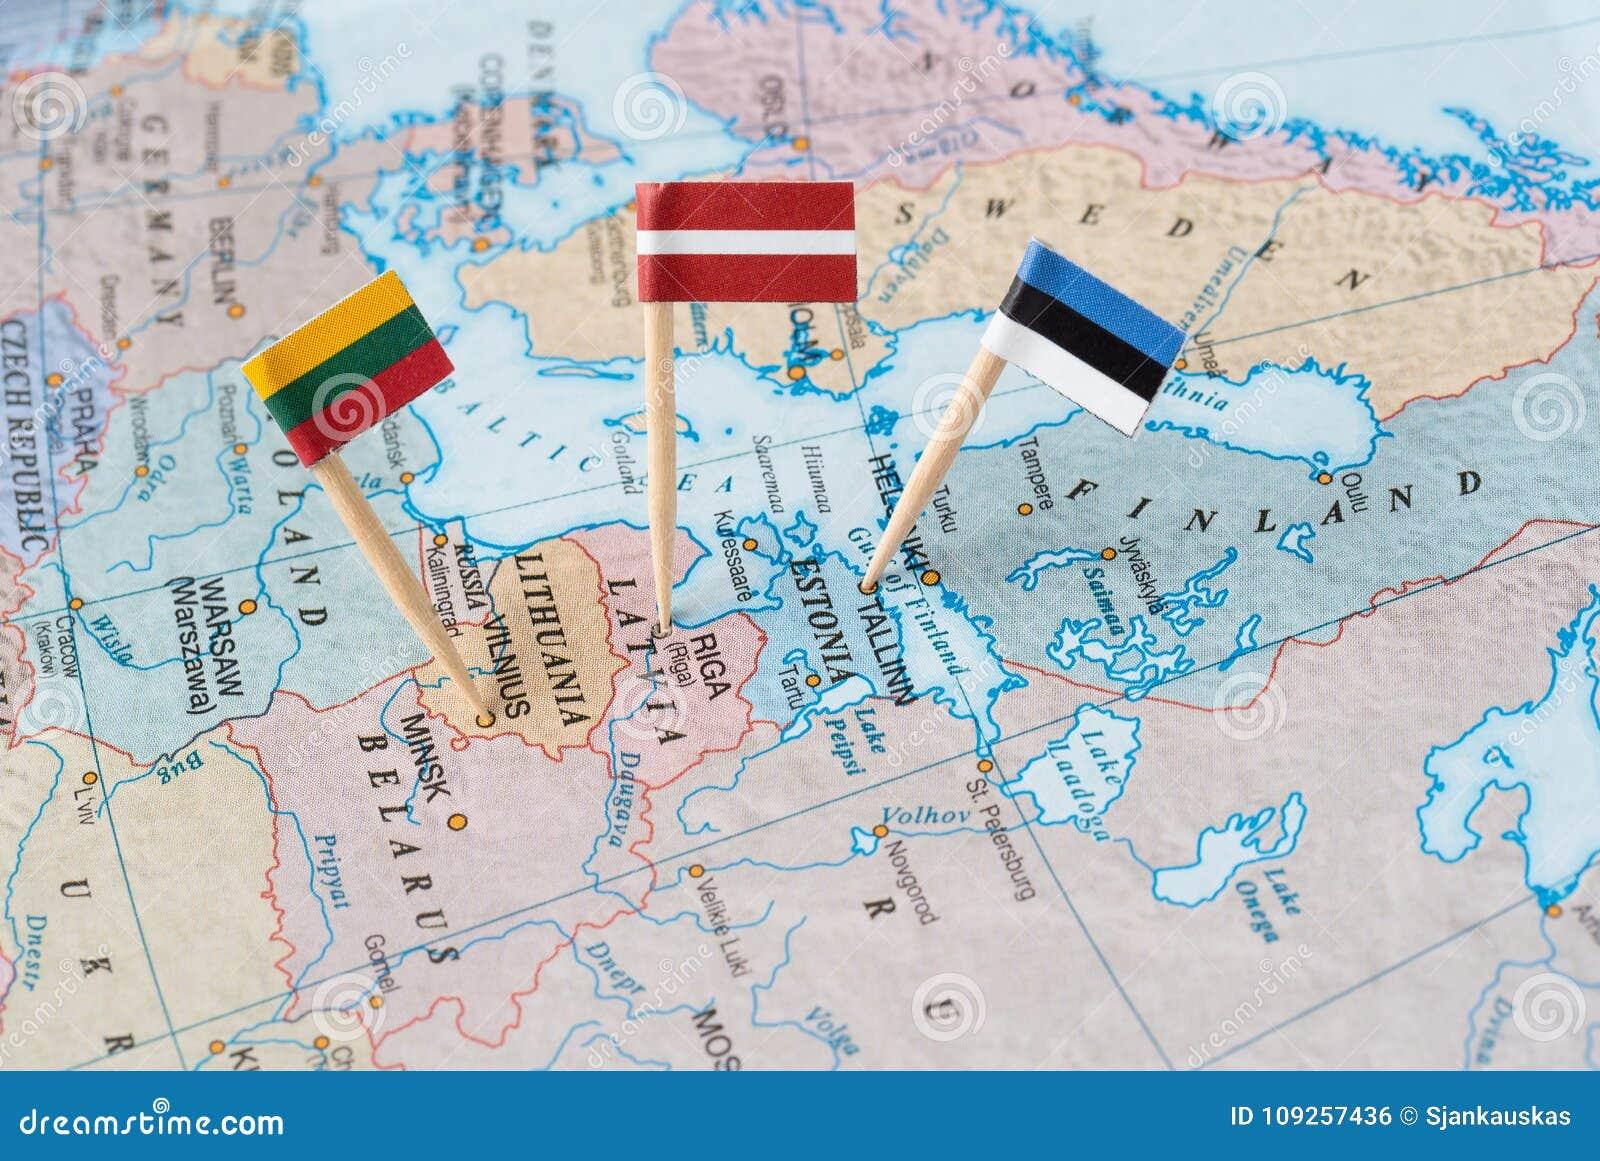 De kaart van Baltische staten met vlagspelden